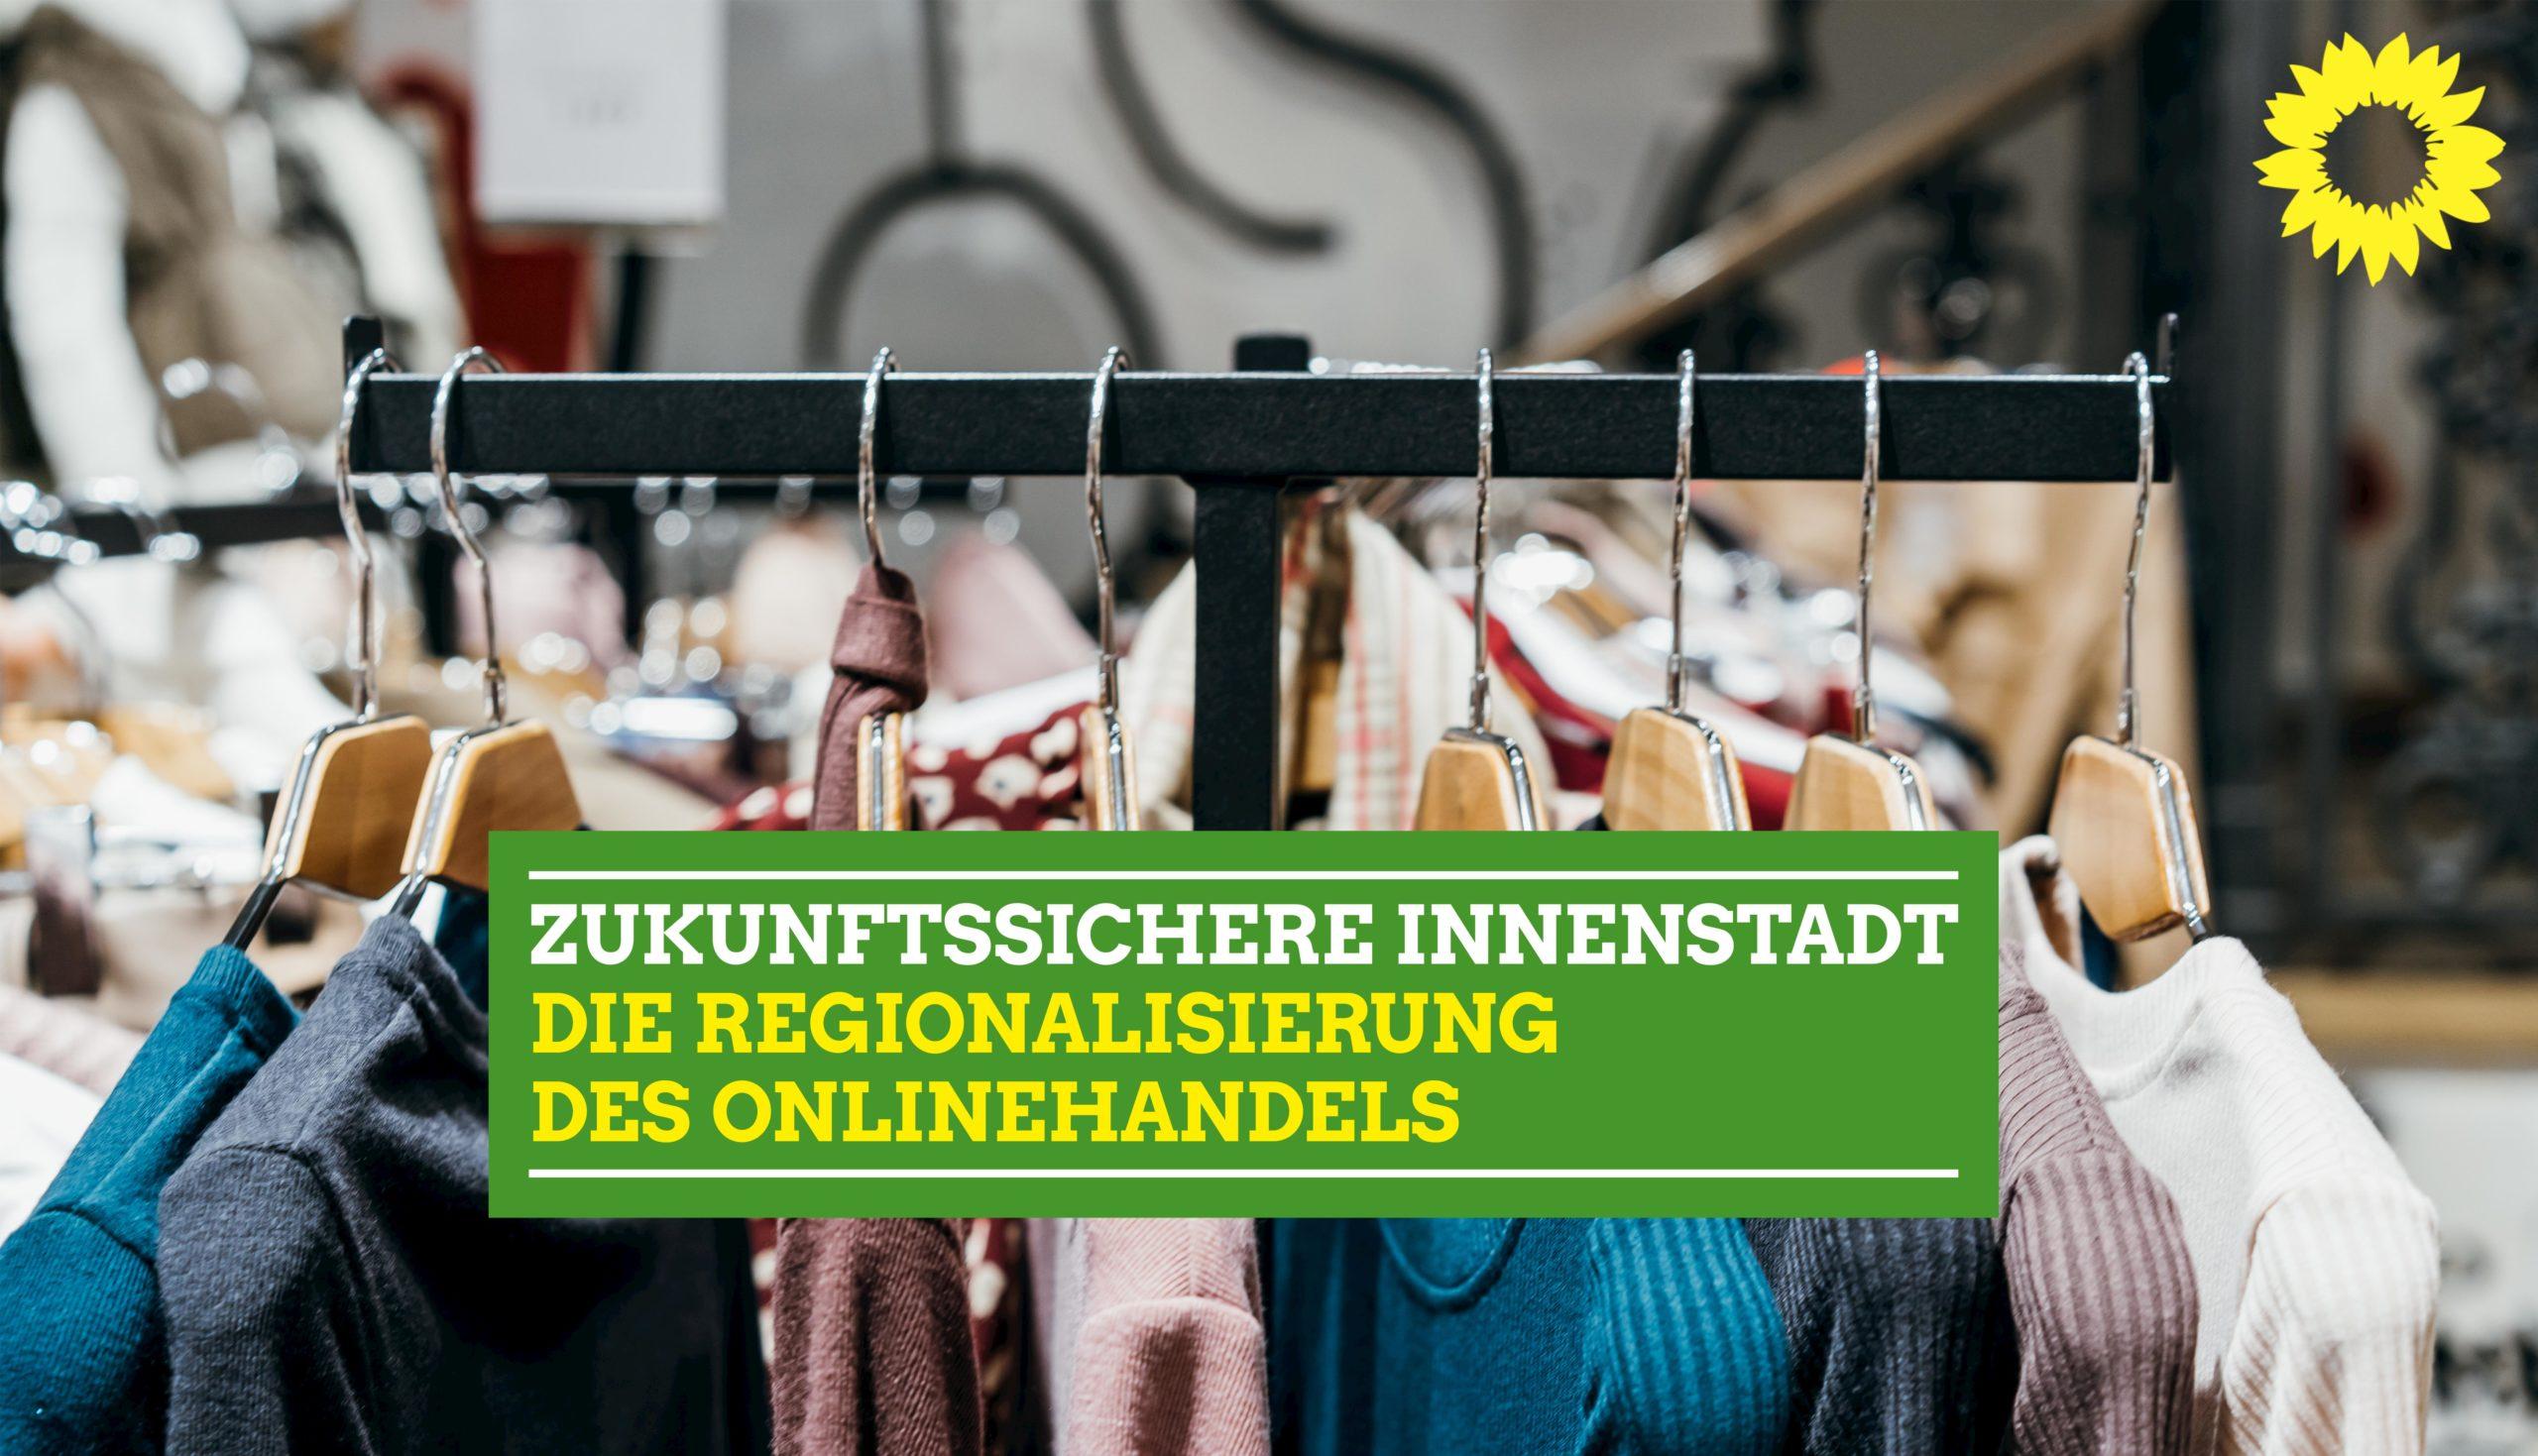 Innenstadt 4.0 – Die Regionalisierung des Onlinehandels